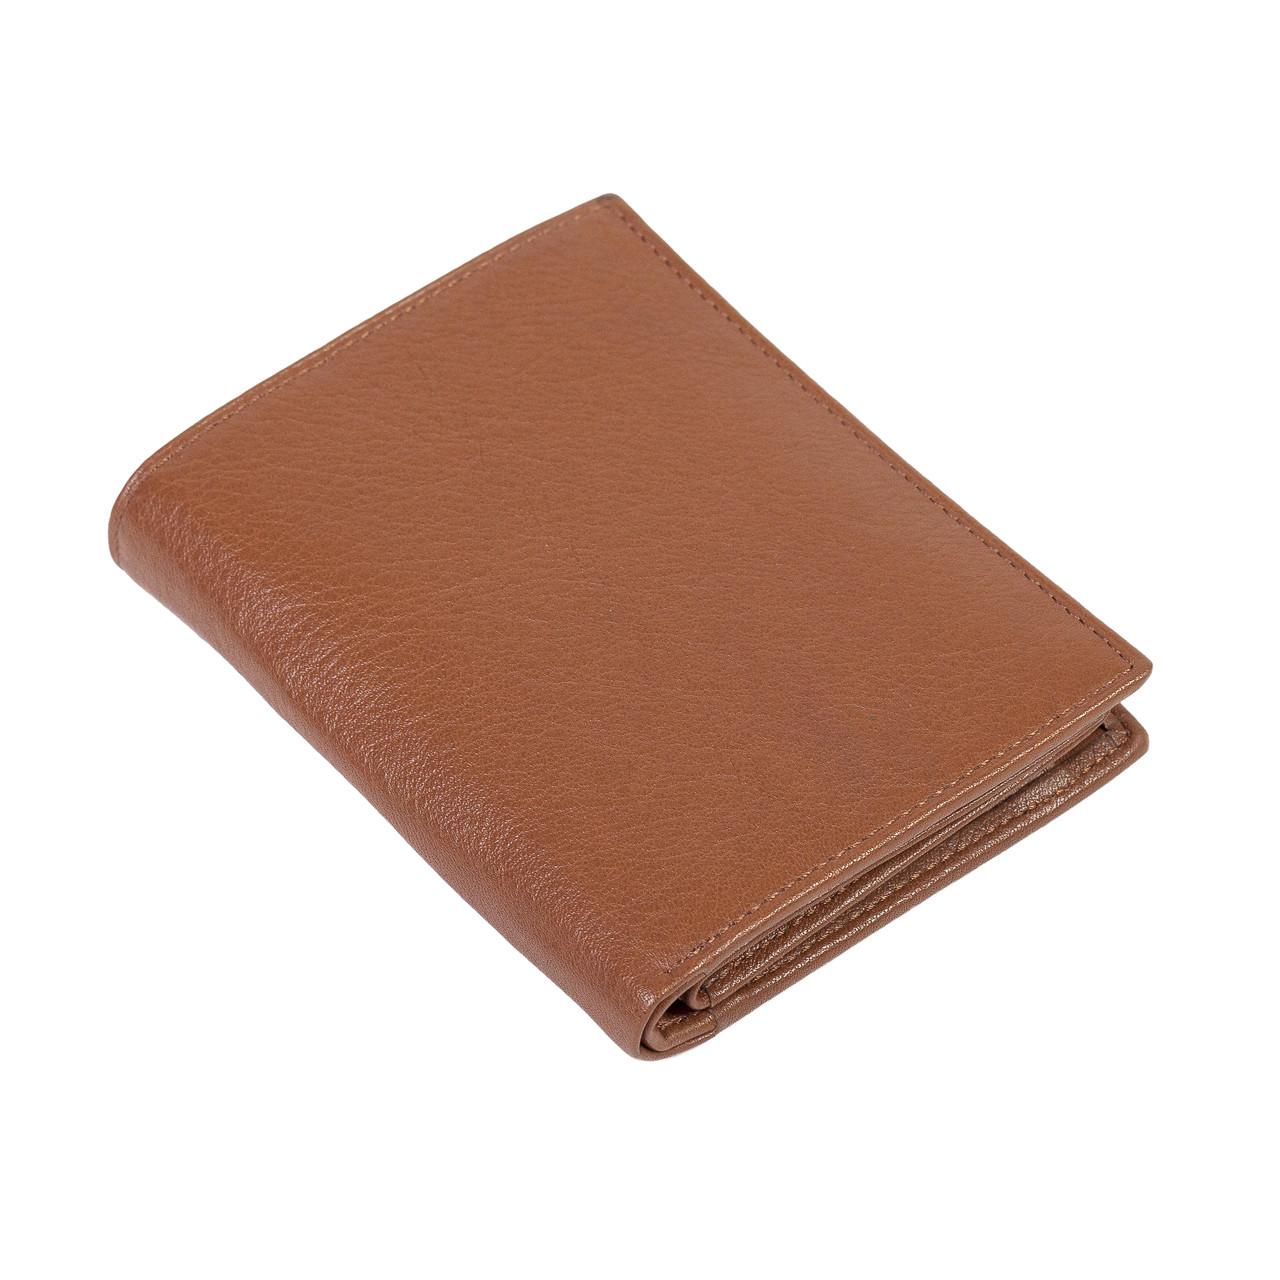 Мужское портмоне Eminsa 1023-12-2 кожаное светло-коричневое